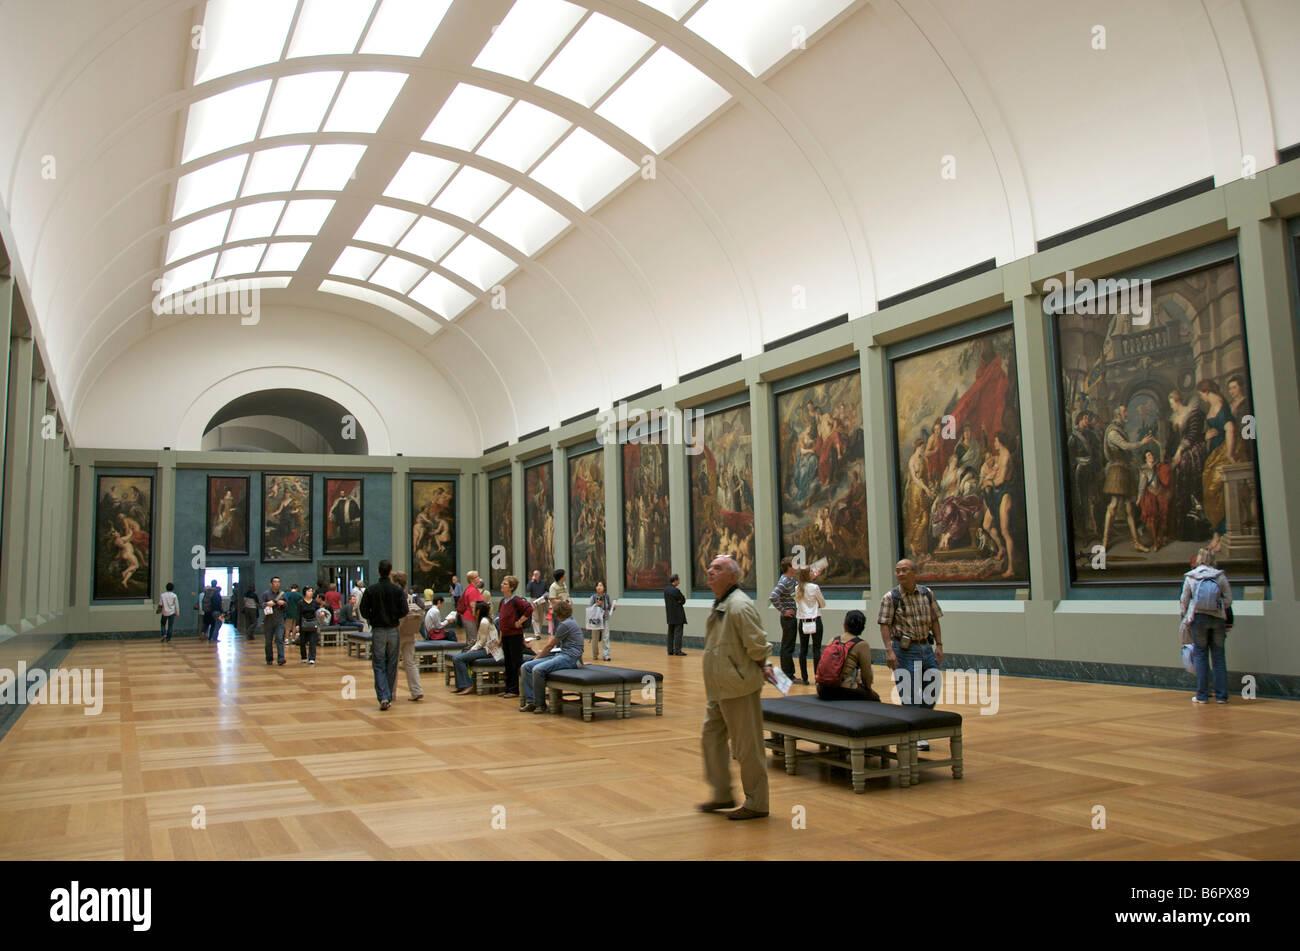 Louvre, Paris, Frankreich - Interieur - innerhalb der Art gallery ...